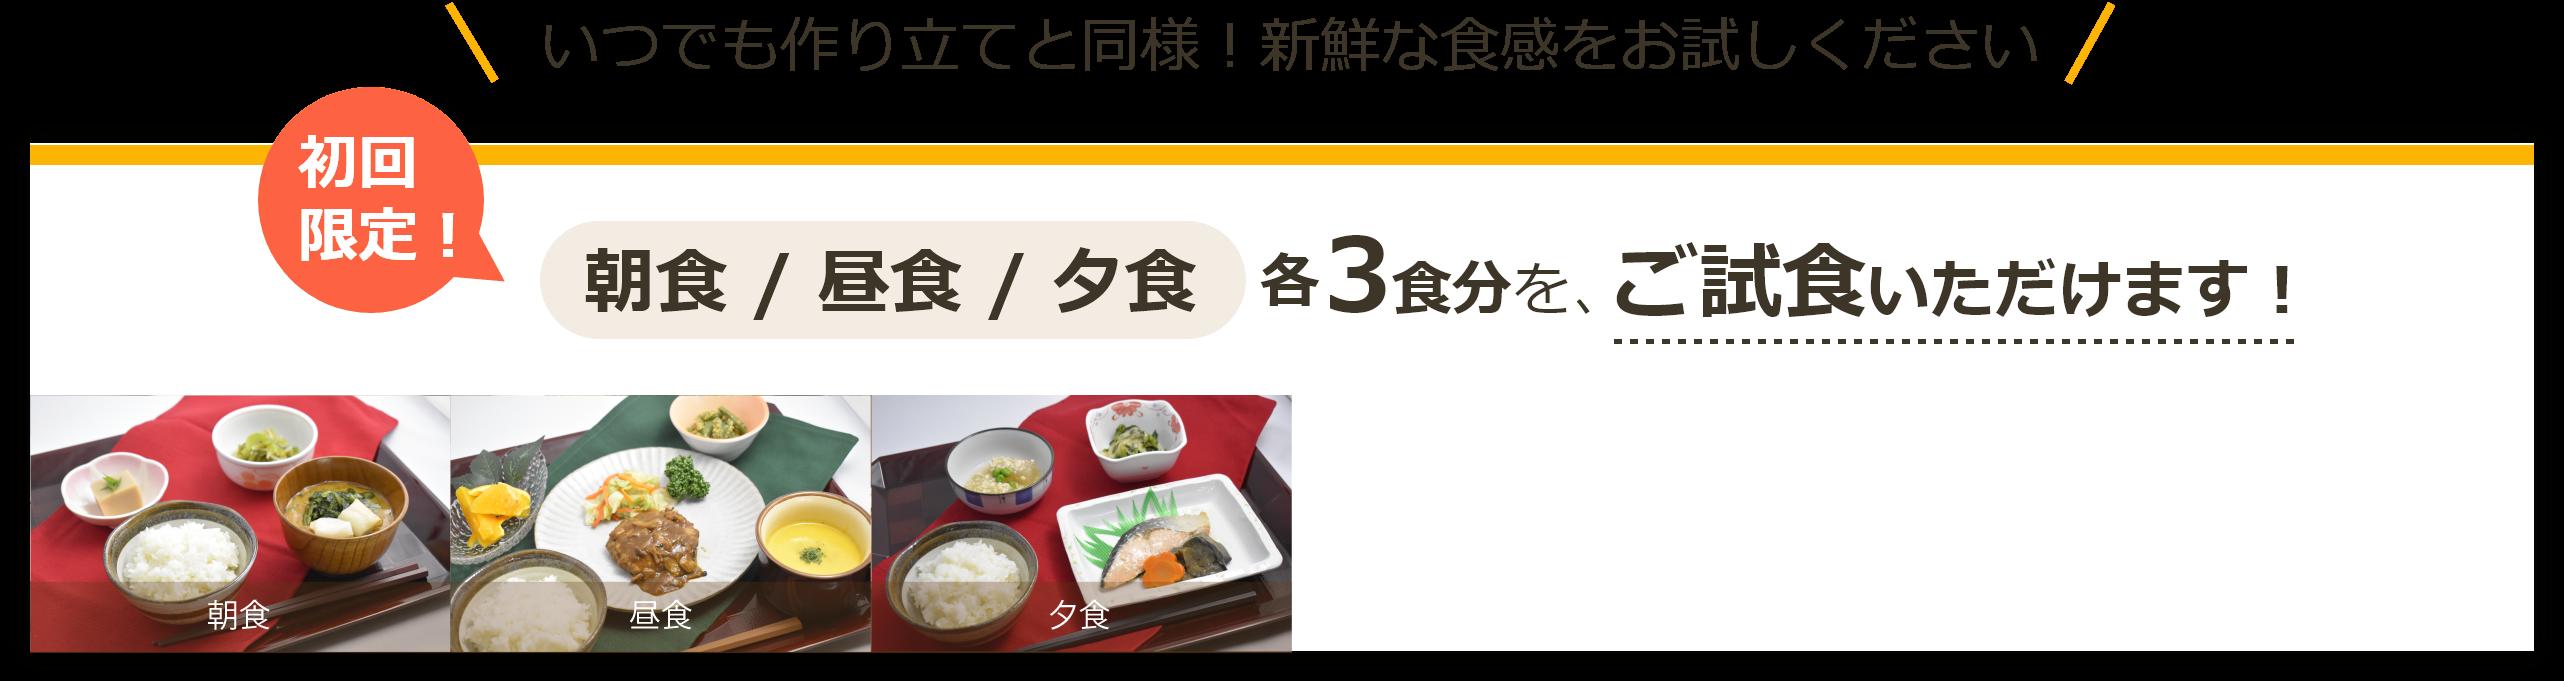 いつでも作り立てと同様!新鮮な食感をお試しください。初回限定!朝食・昼食・夕食各3食分を、ご試食いただけます!